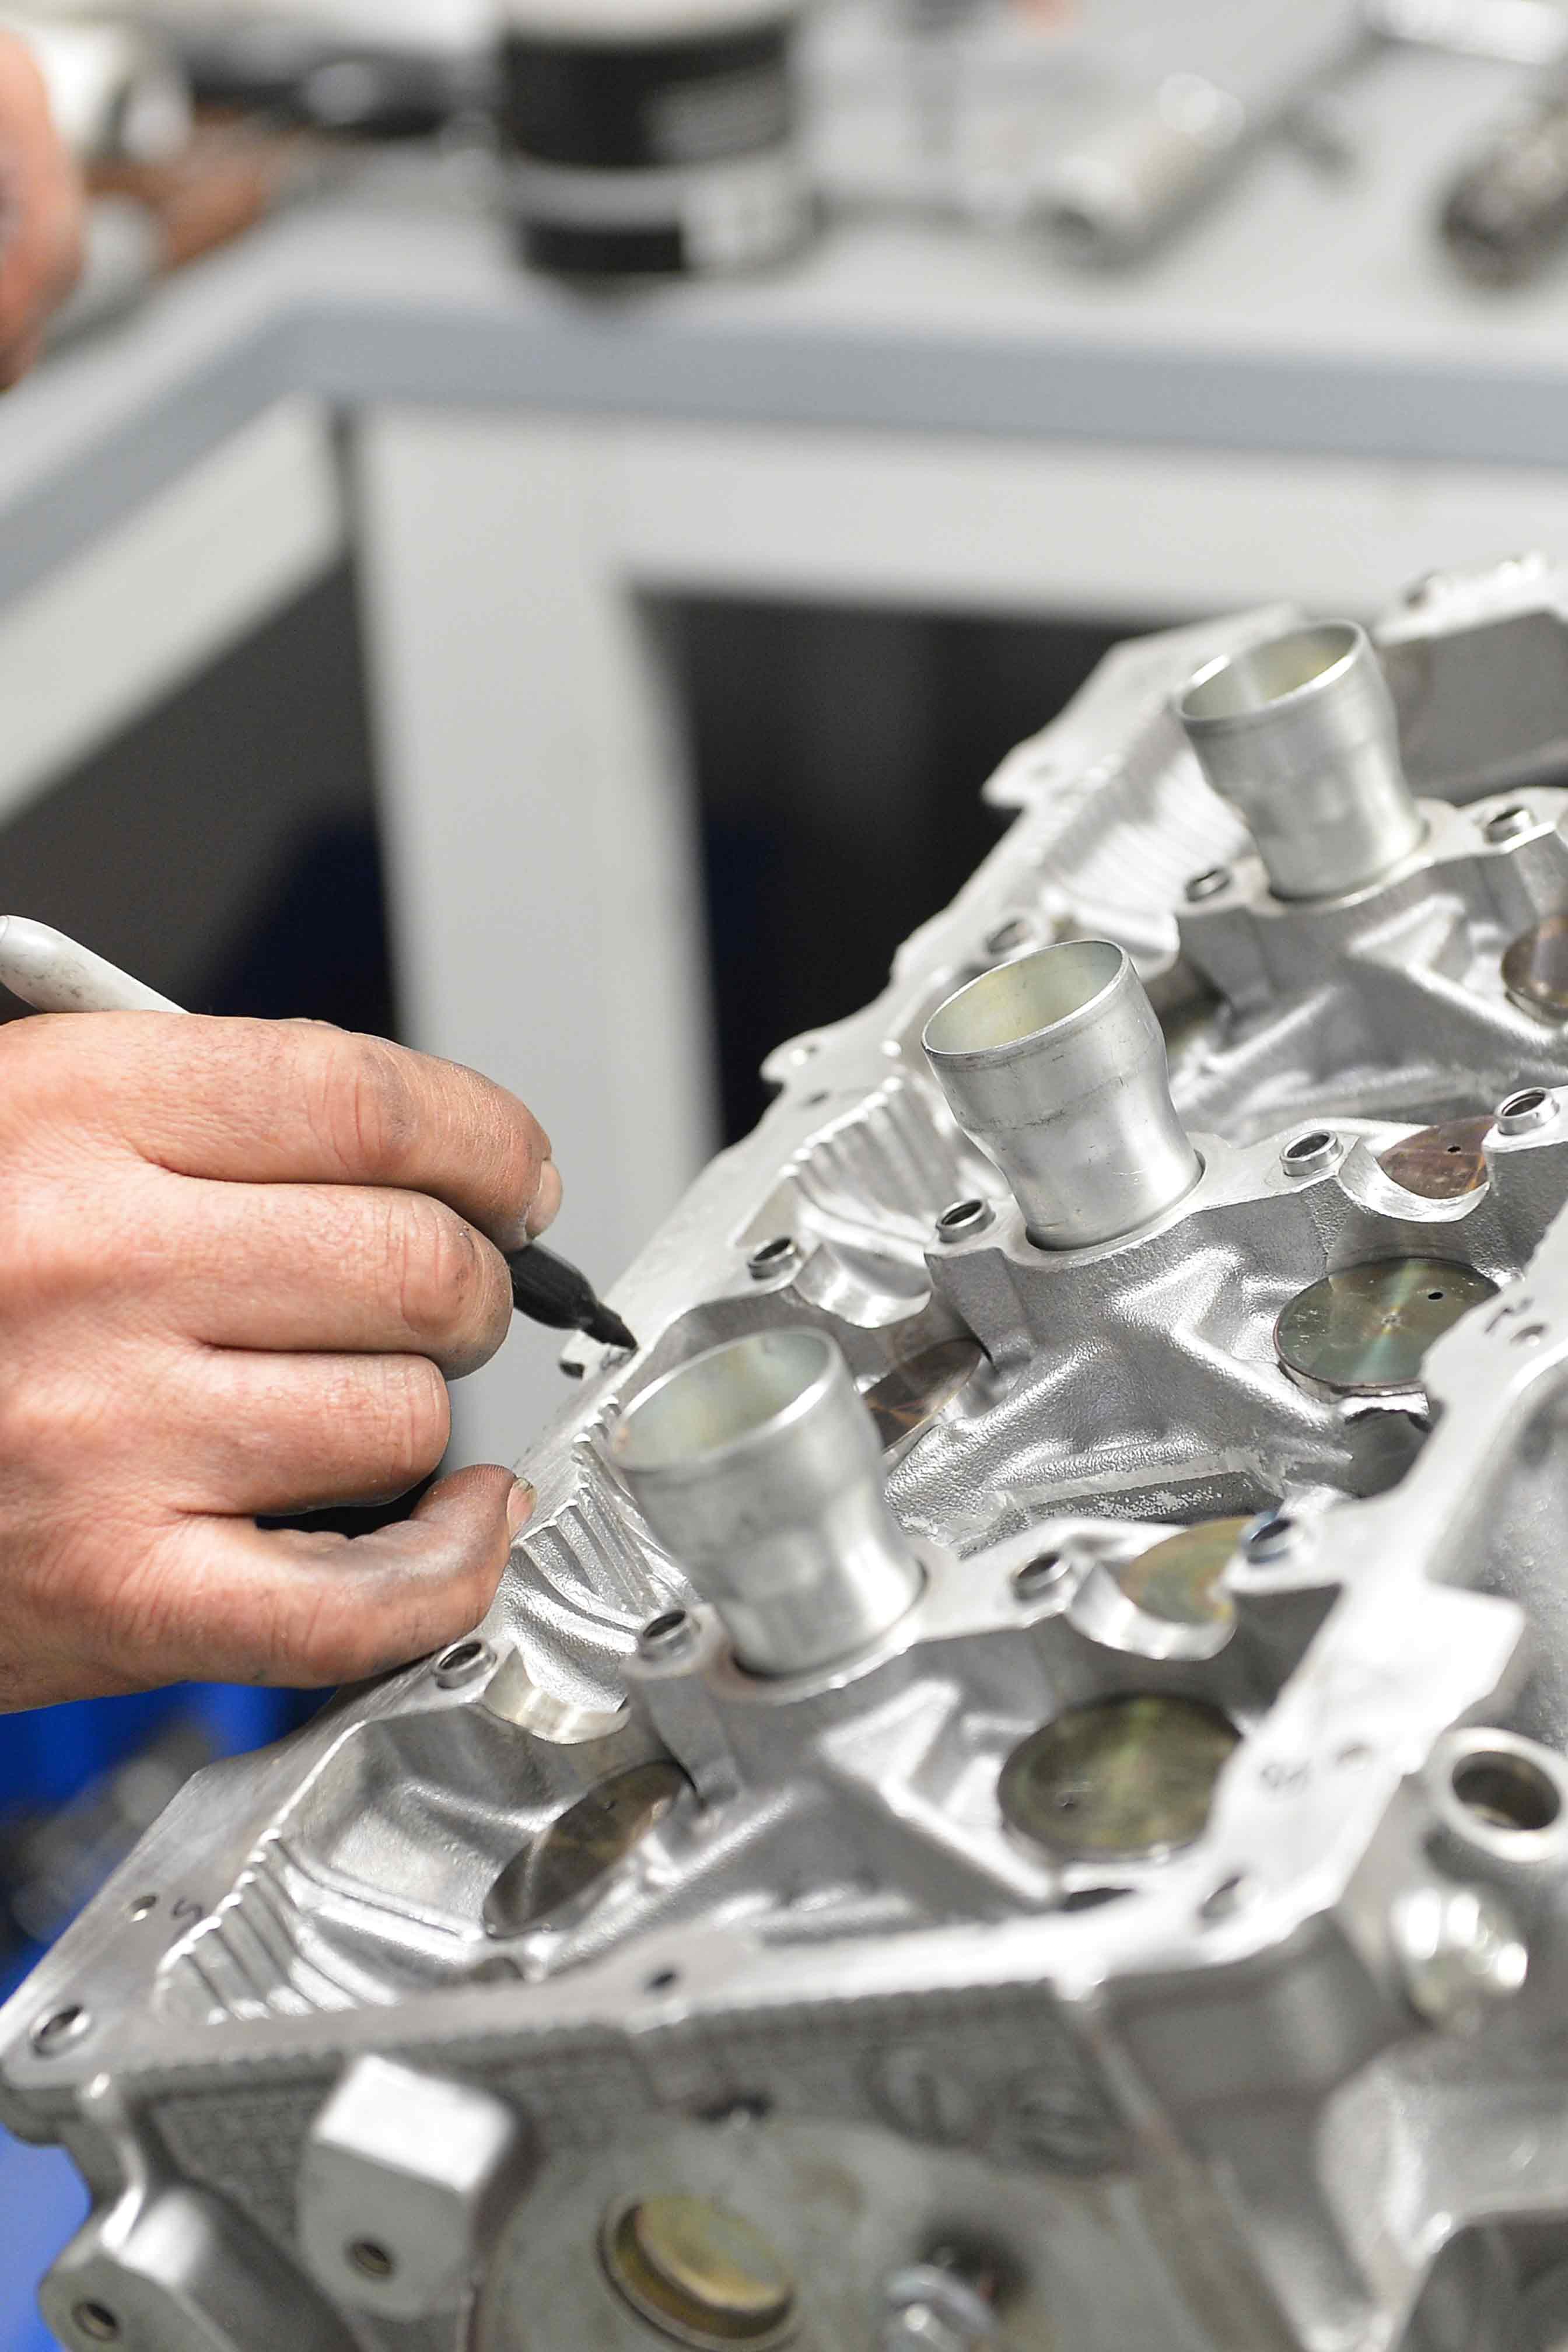 GTR valve bucket measurement